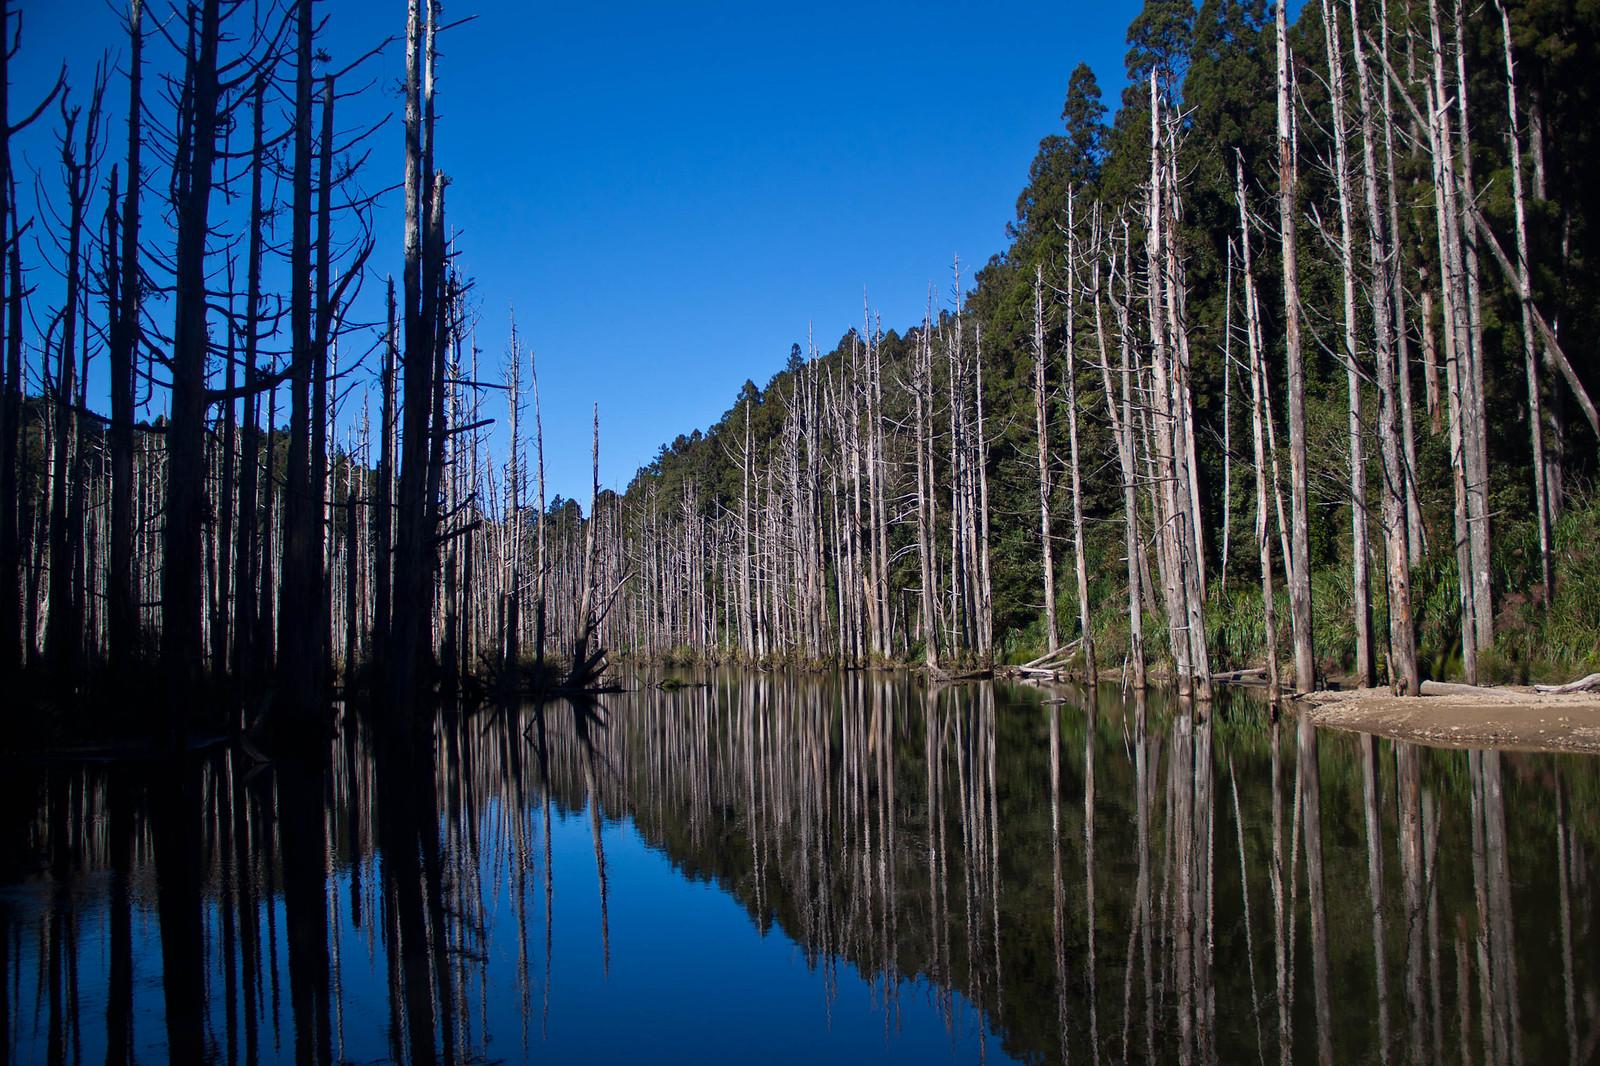 水漾經典角度,我發現大家都拍的一樣,湖面鏡像,超美的森林。